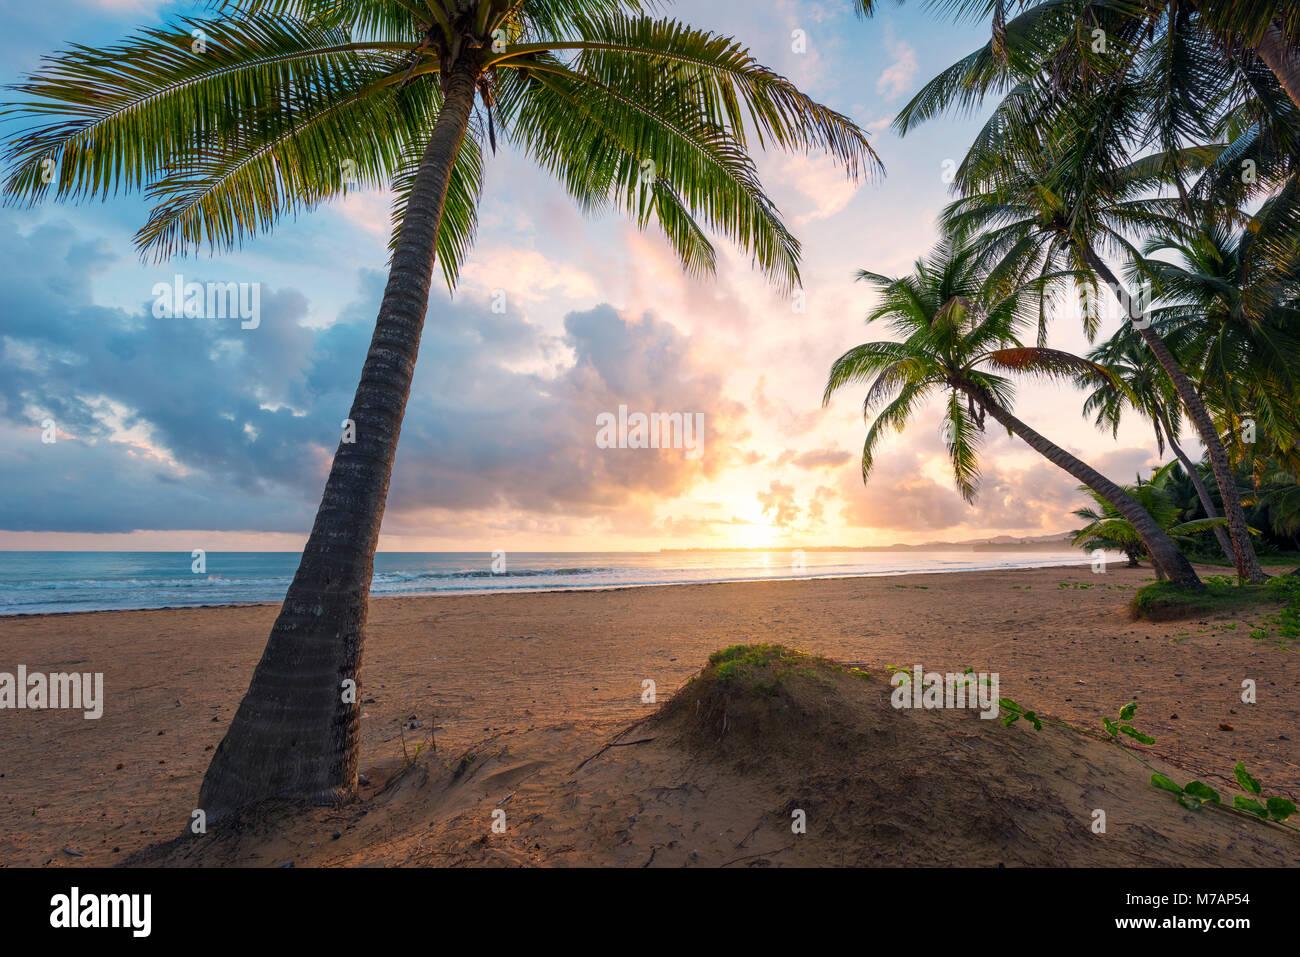 Malerische Sonnenaufgang an einem karibischen Strand der Insel Puerto Rico, Stockbild